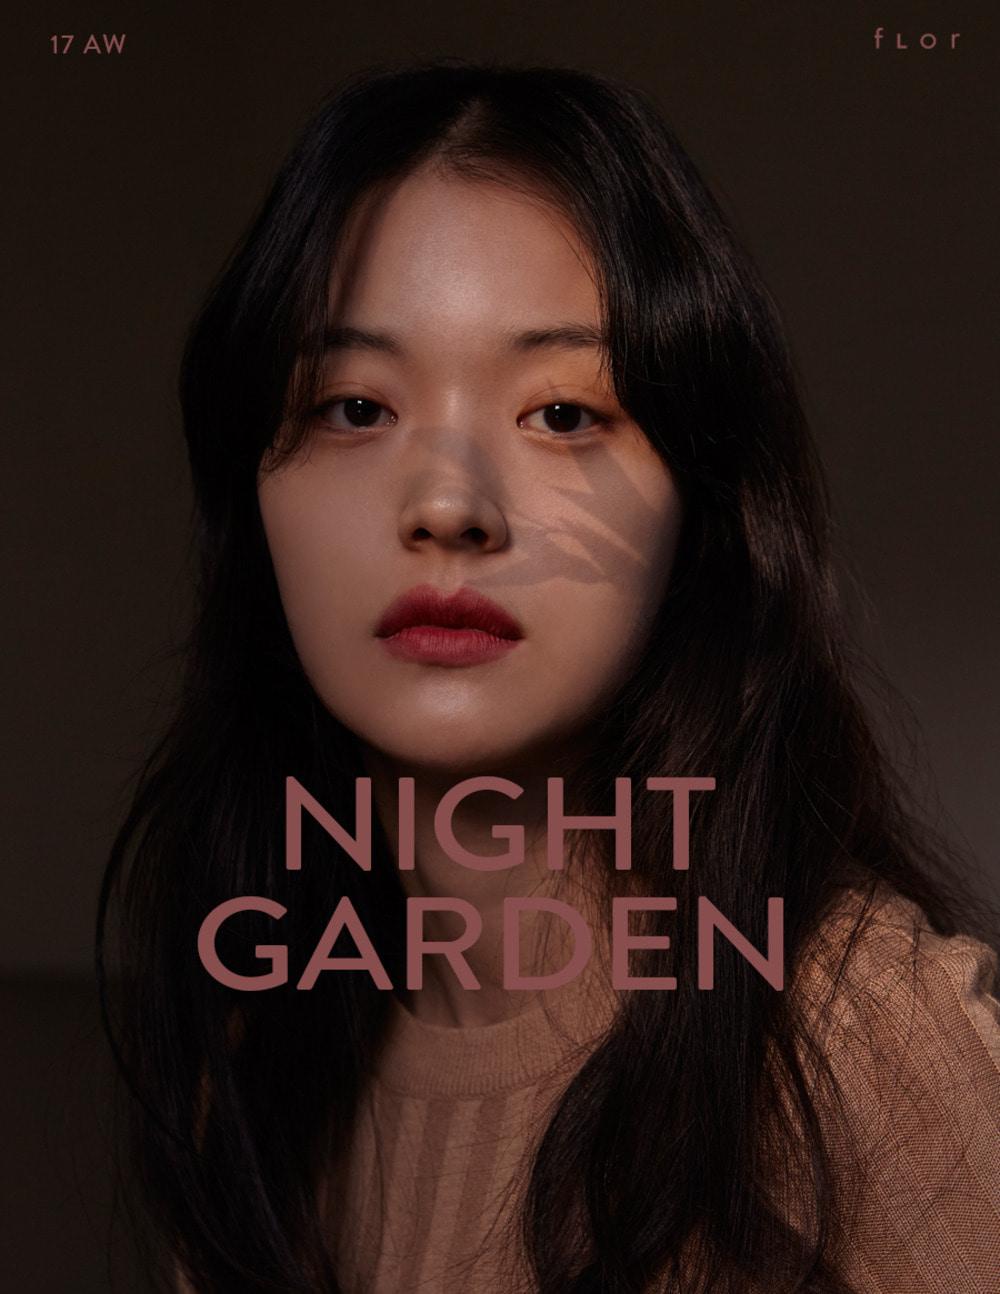 17 AW NIGHT GARDEN